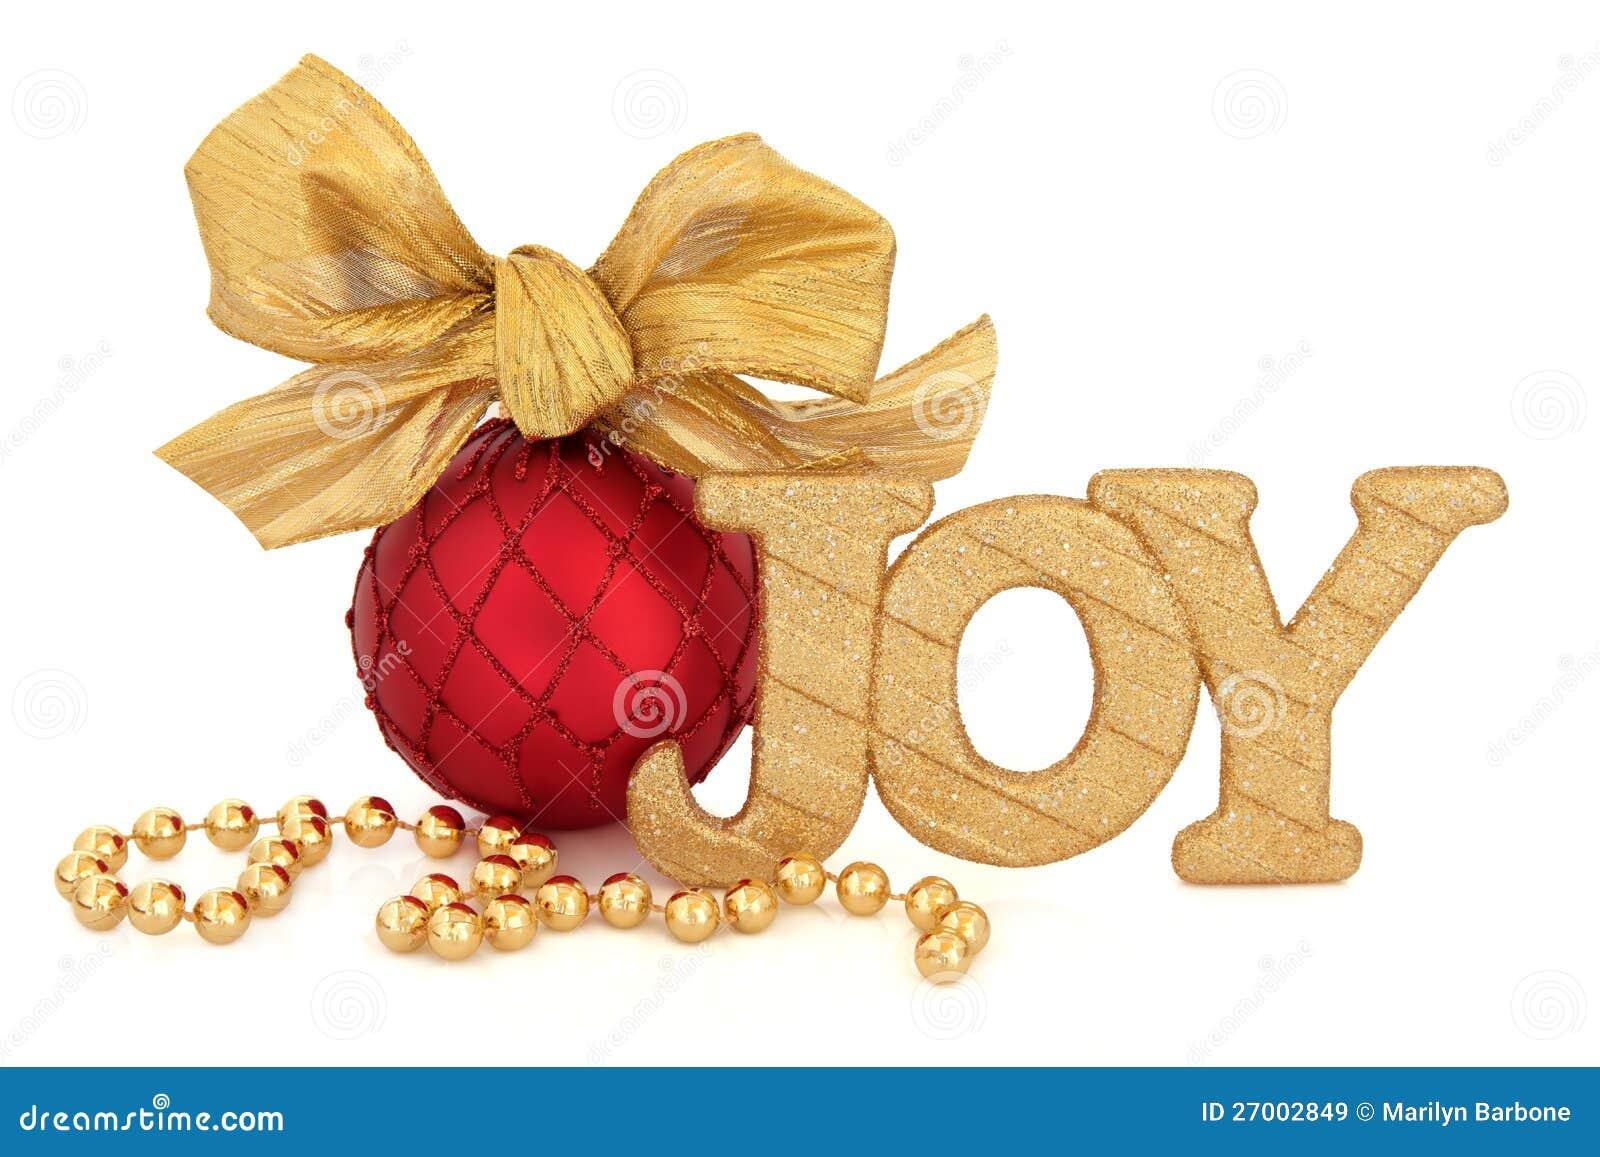 Christmas Joy stock image. Image of seasonal, noel, xmas - 27002849